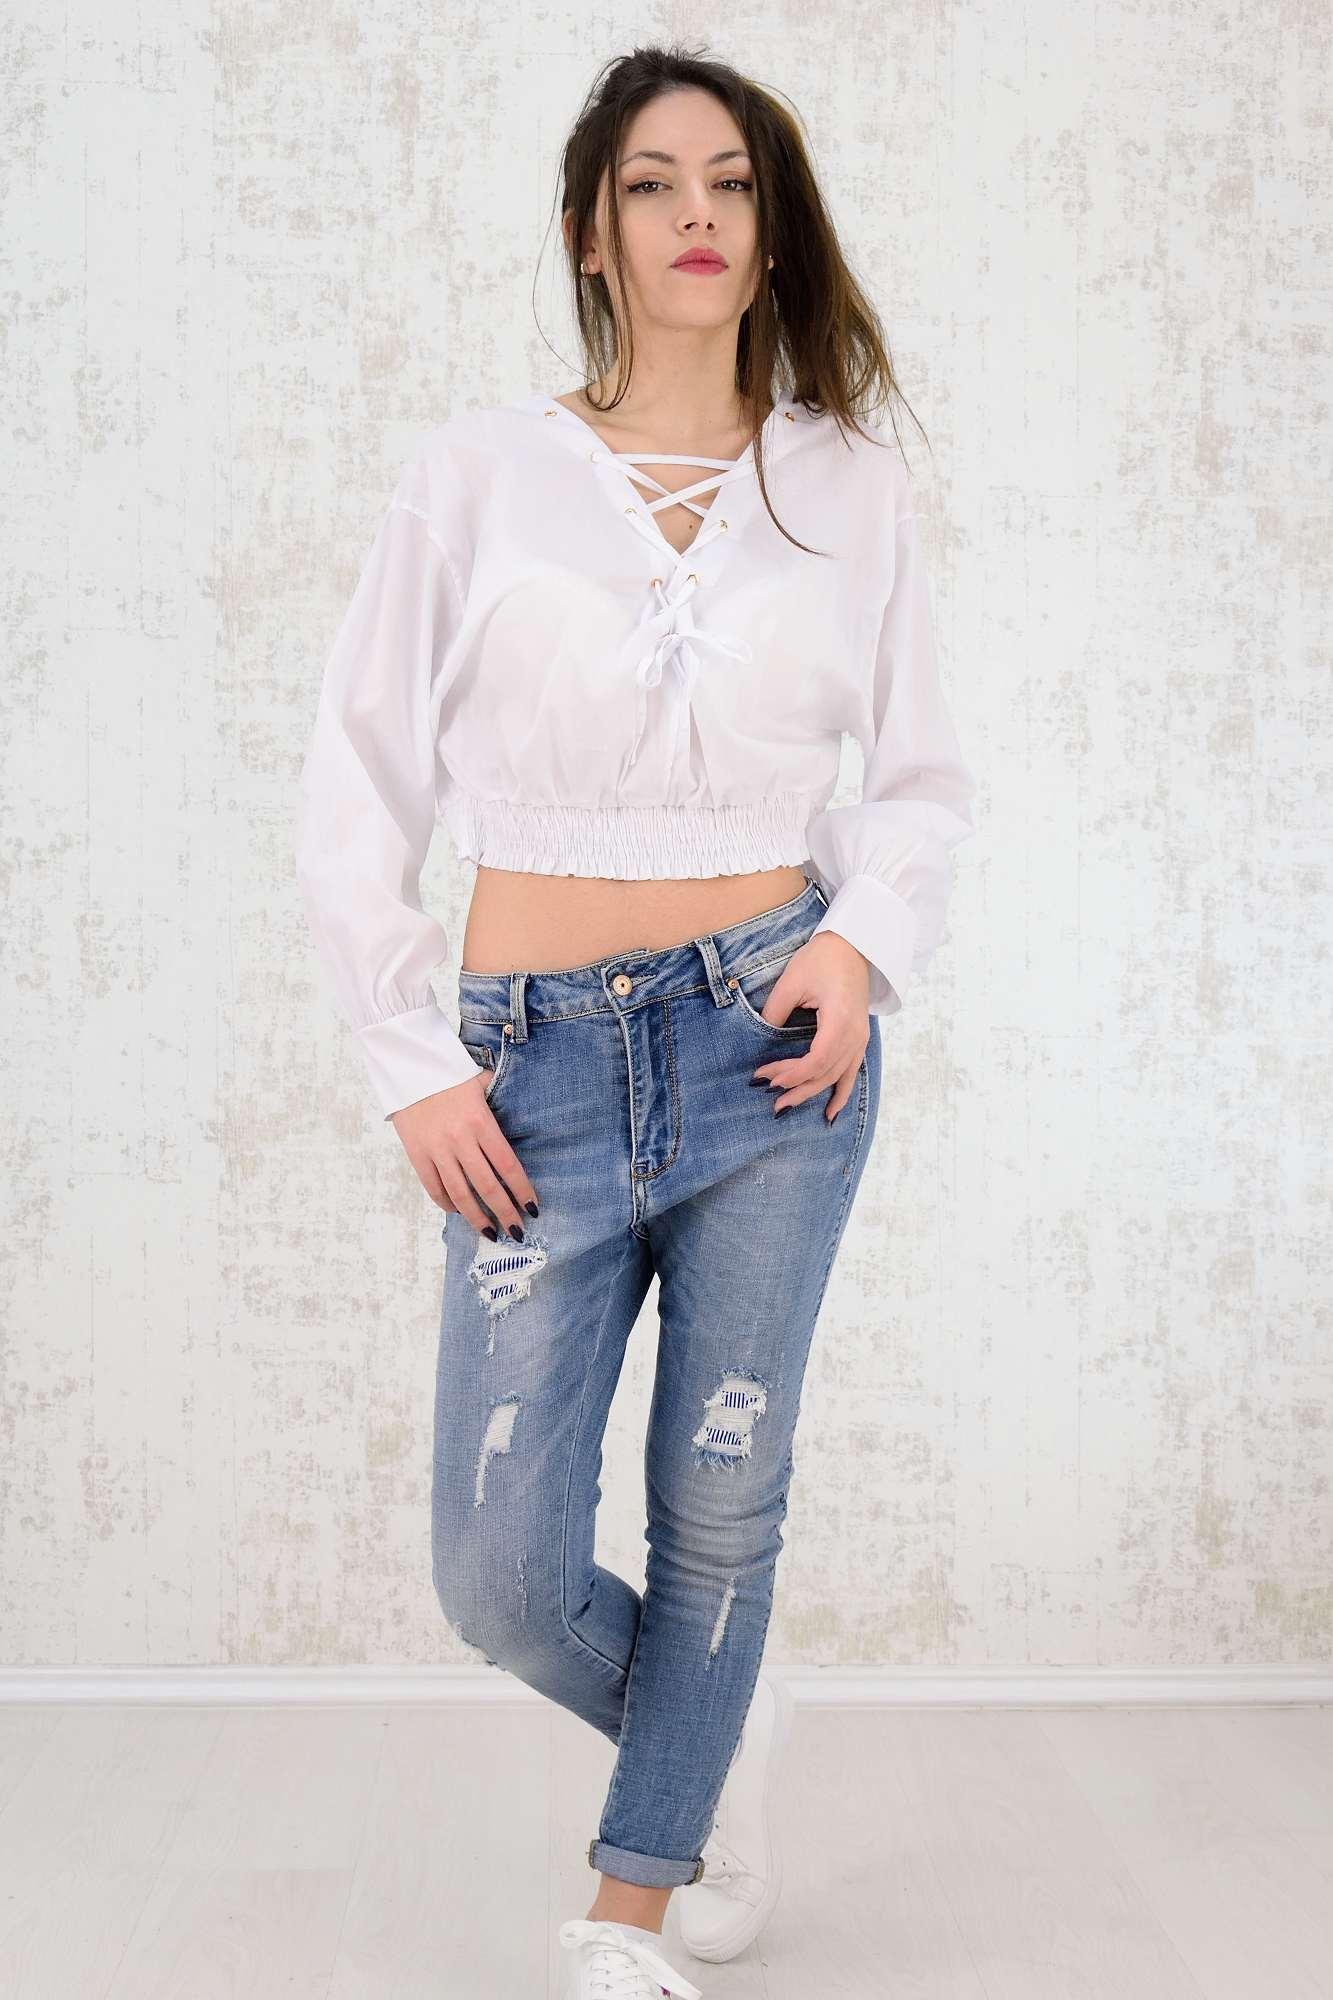 60928db12391 Κοντό πουκάμισο. Tap to expand